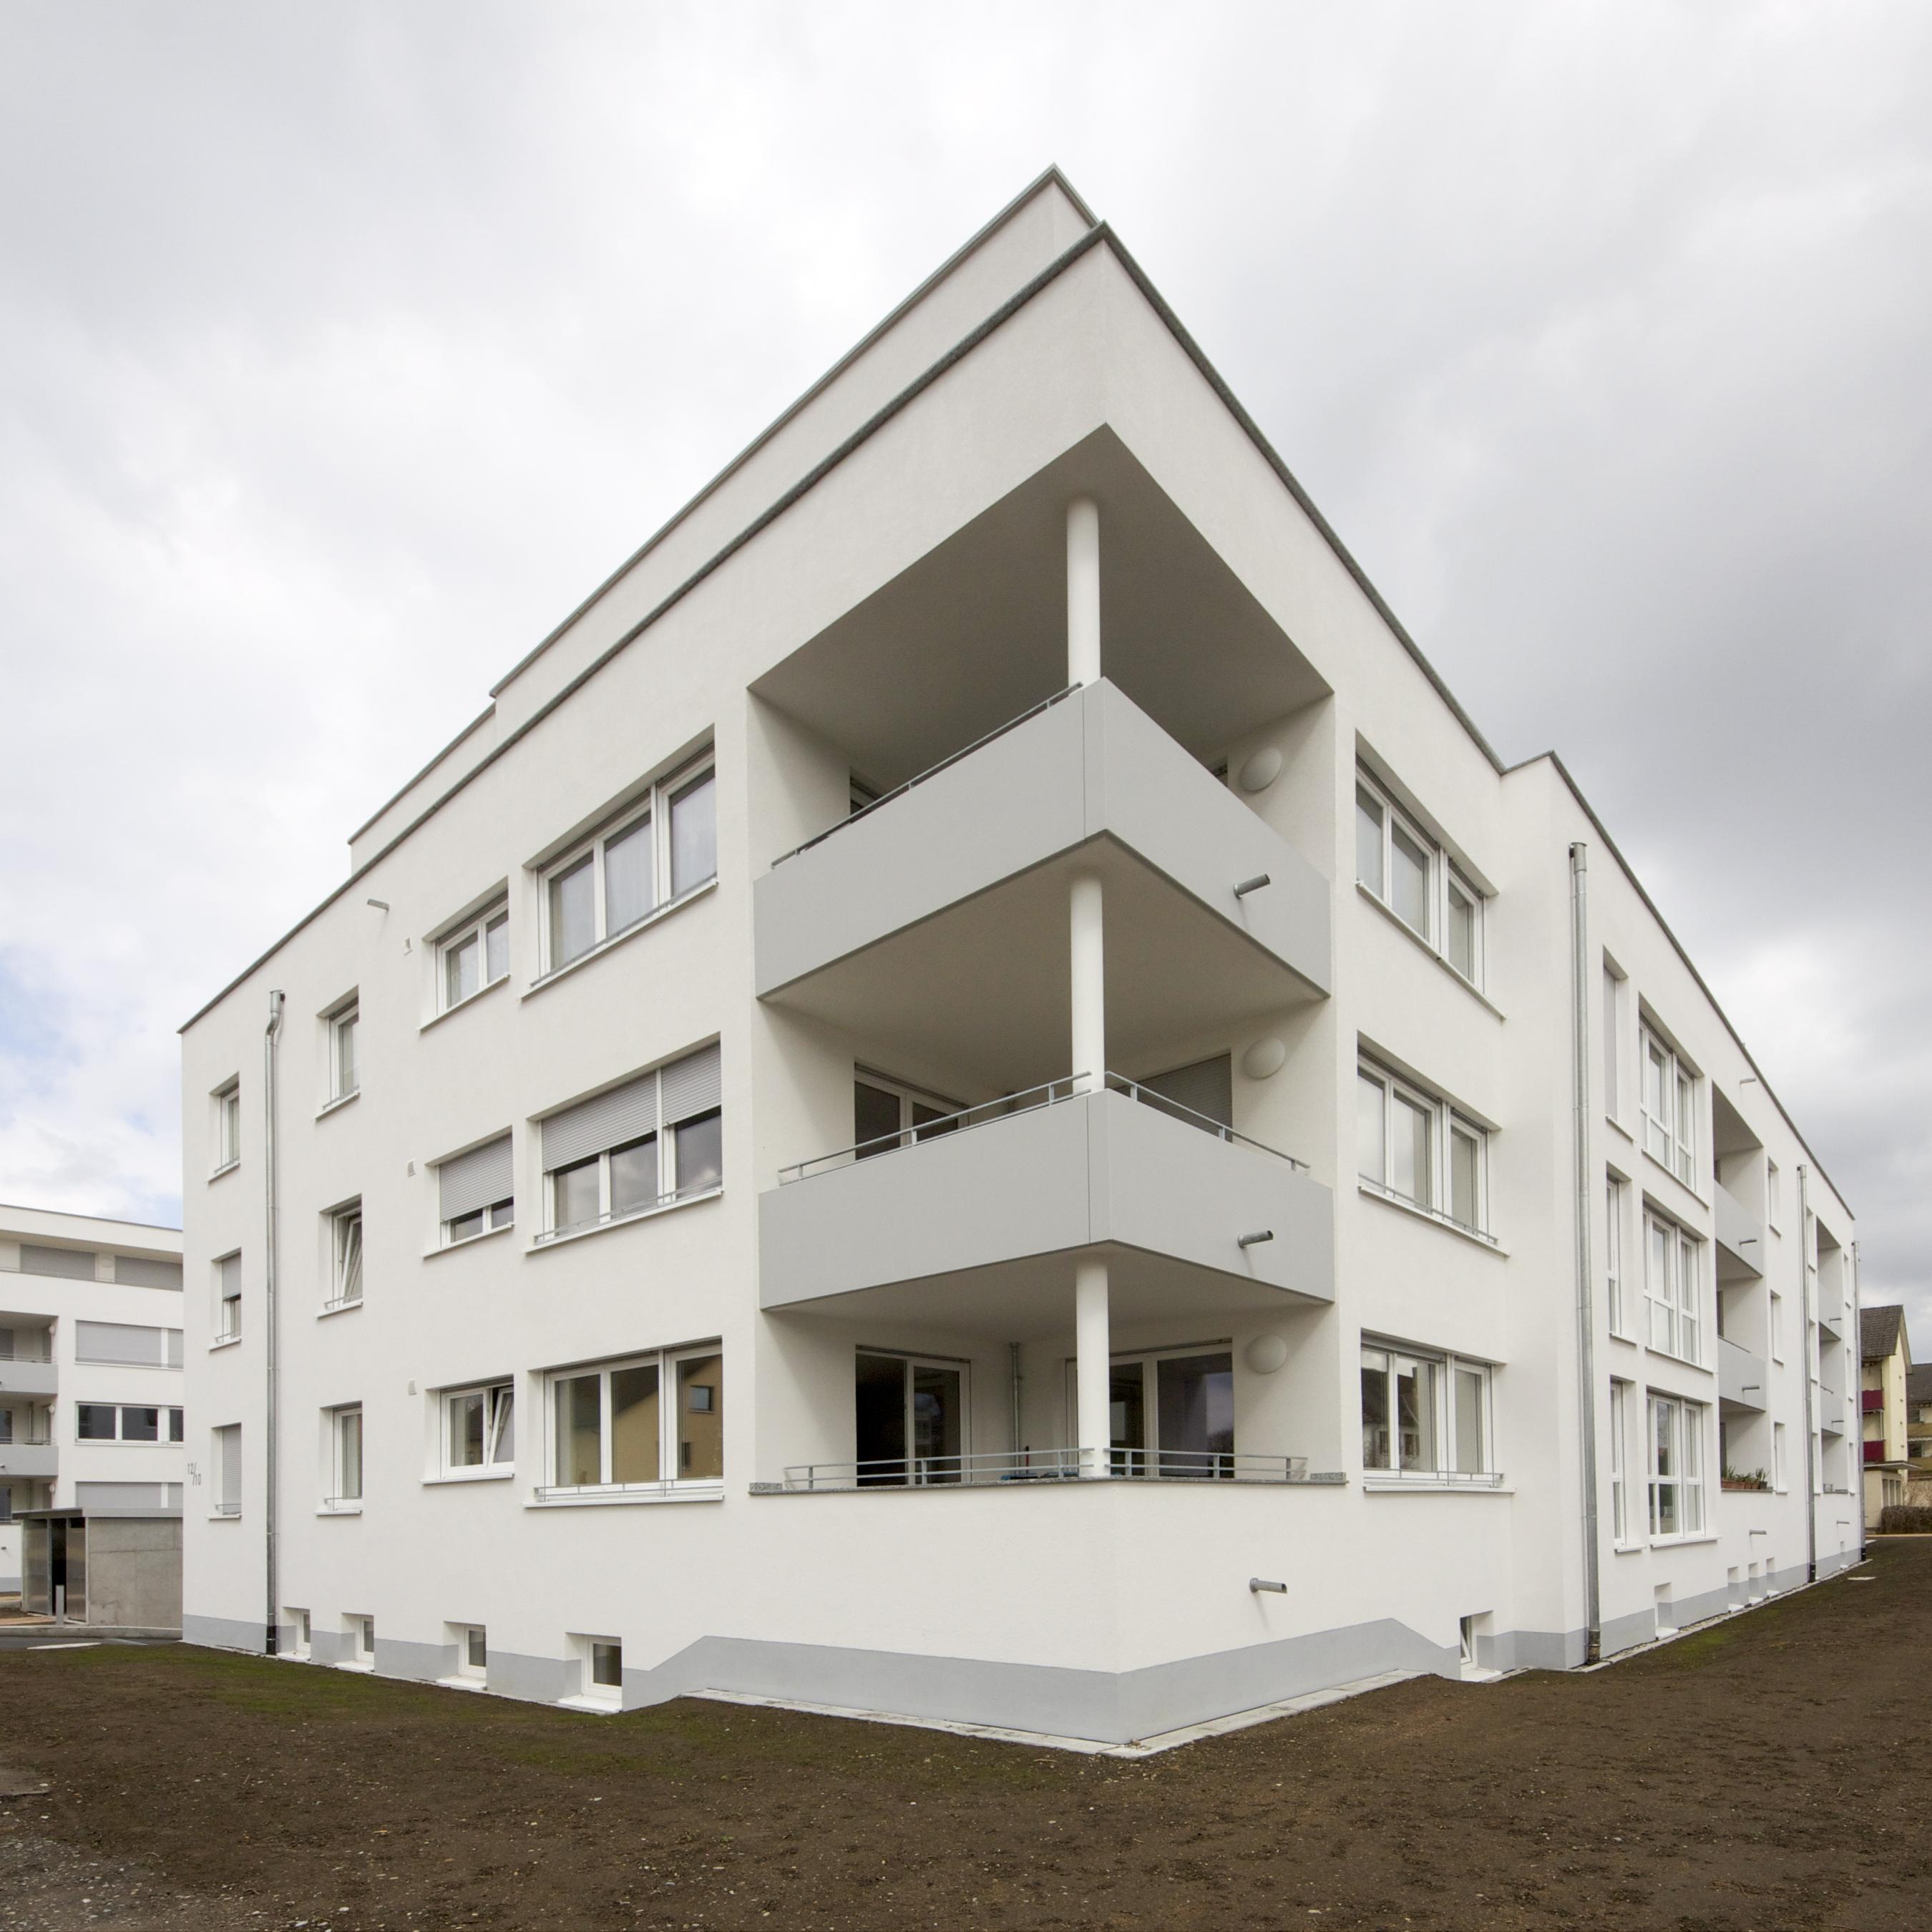 wohnanlage rheinfelden mit 31 wohnungen und qm wohnfl che kirchner architekten freiburg. Black Bedroom Furniture Sets. Home Design Ideas